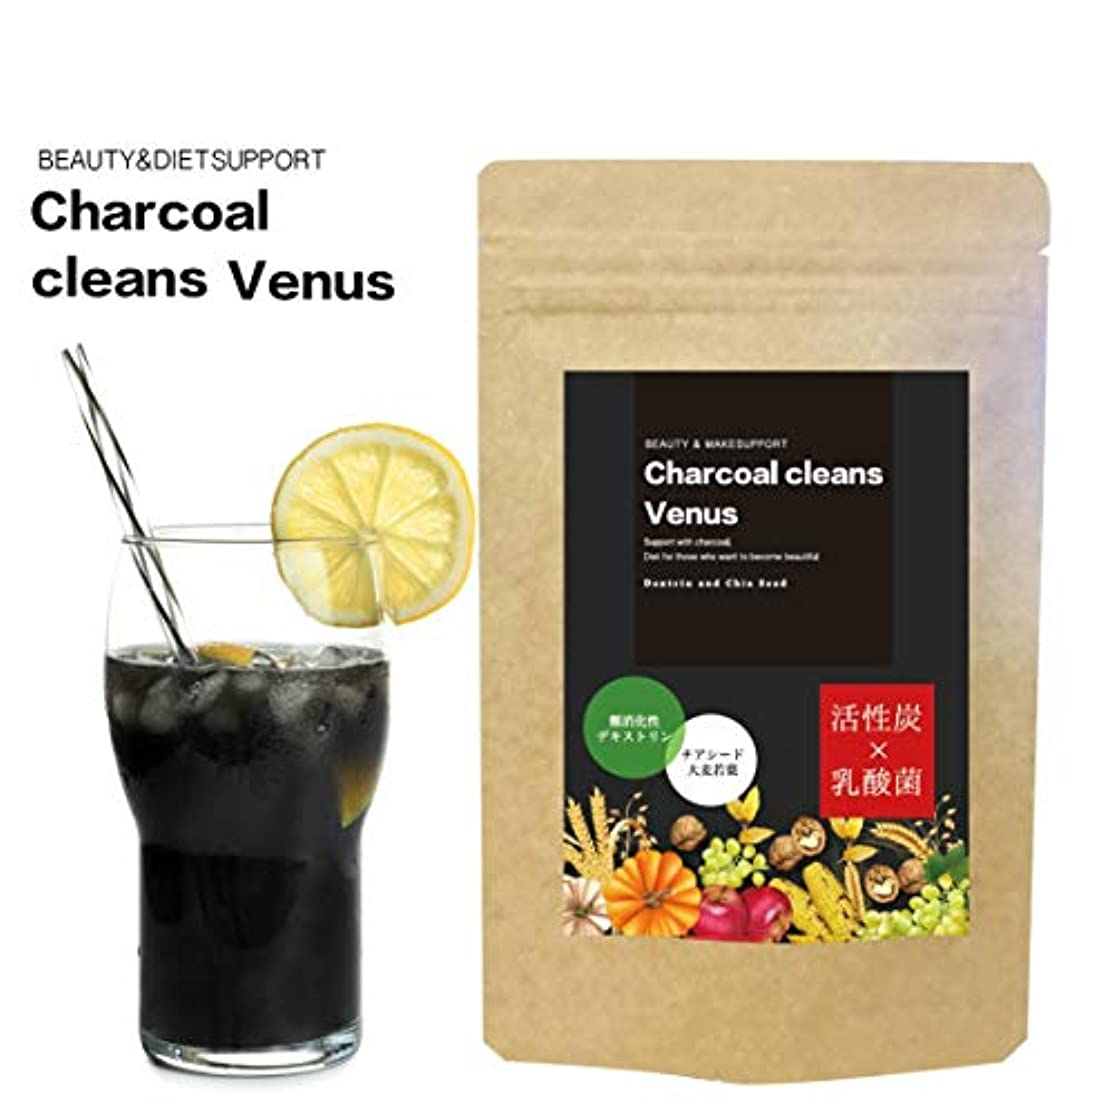 混沌まつげジョグ炭 デトックス & ダイエット 活性炭 + 乳酸菌 チャコールクレンズ ビーナス 約1ヶ月分 150g フルーツMIX味